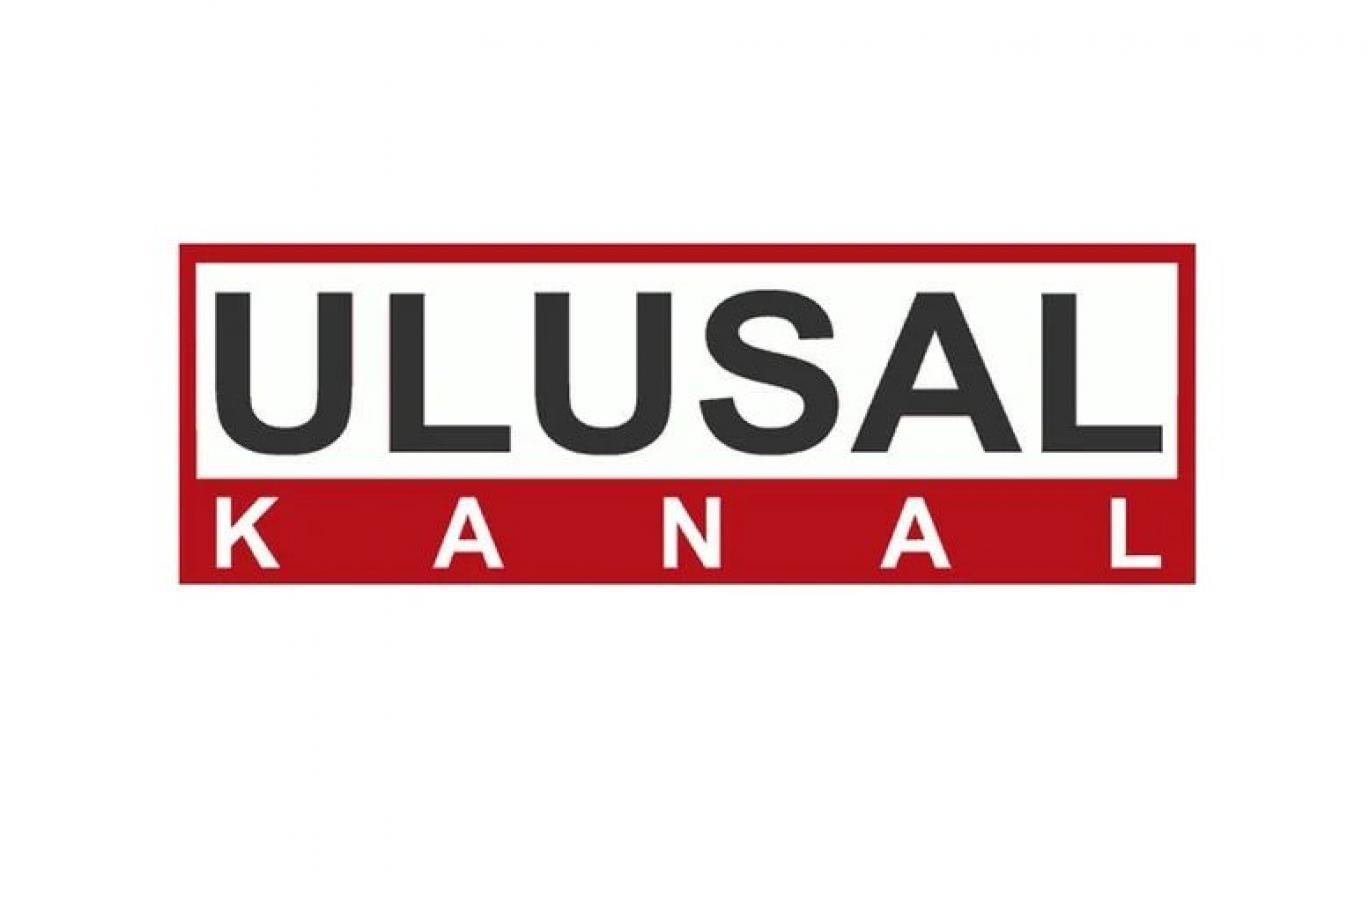 Ulusal+Kanal+Digiturk+ve+Tivibu%E2%80%99ya+geliyor%21;